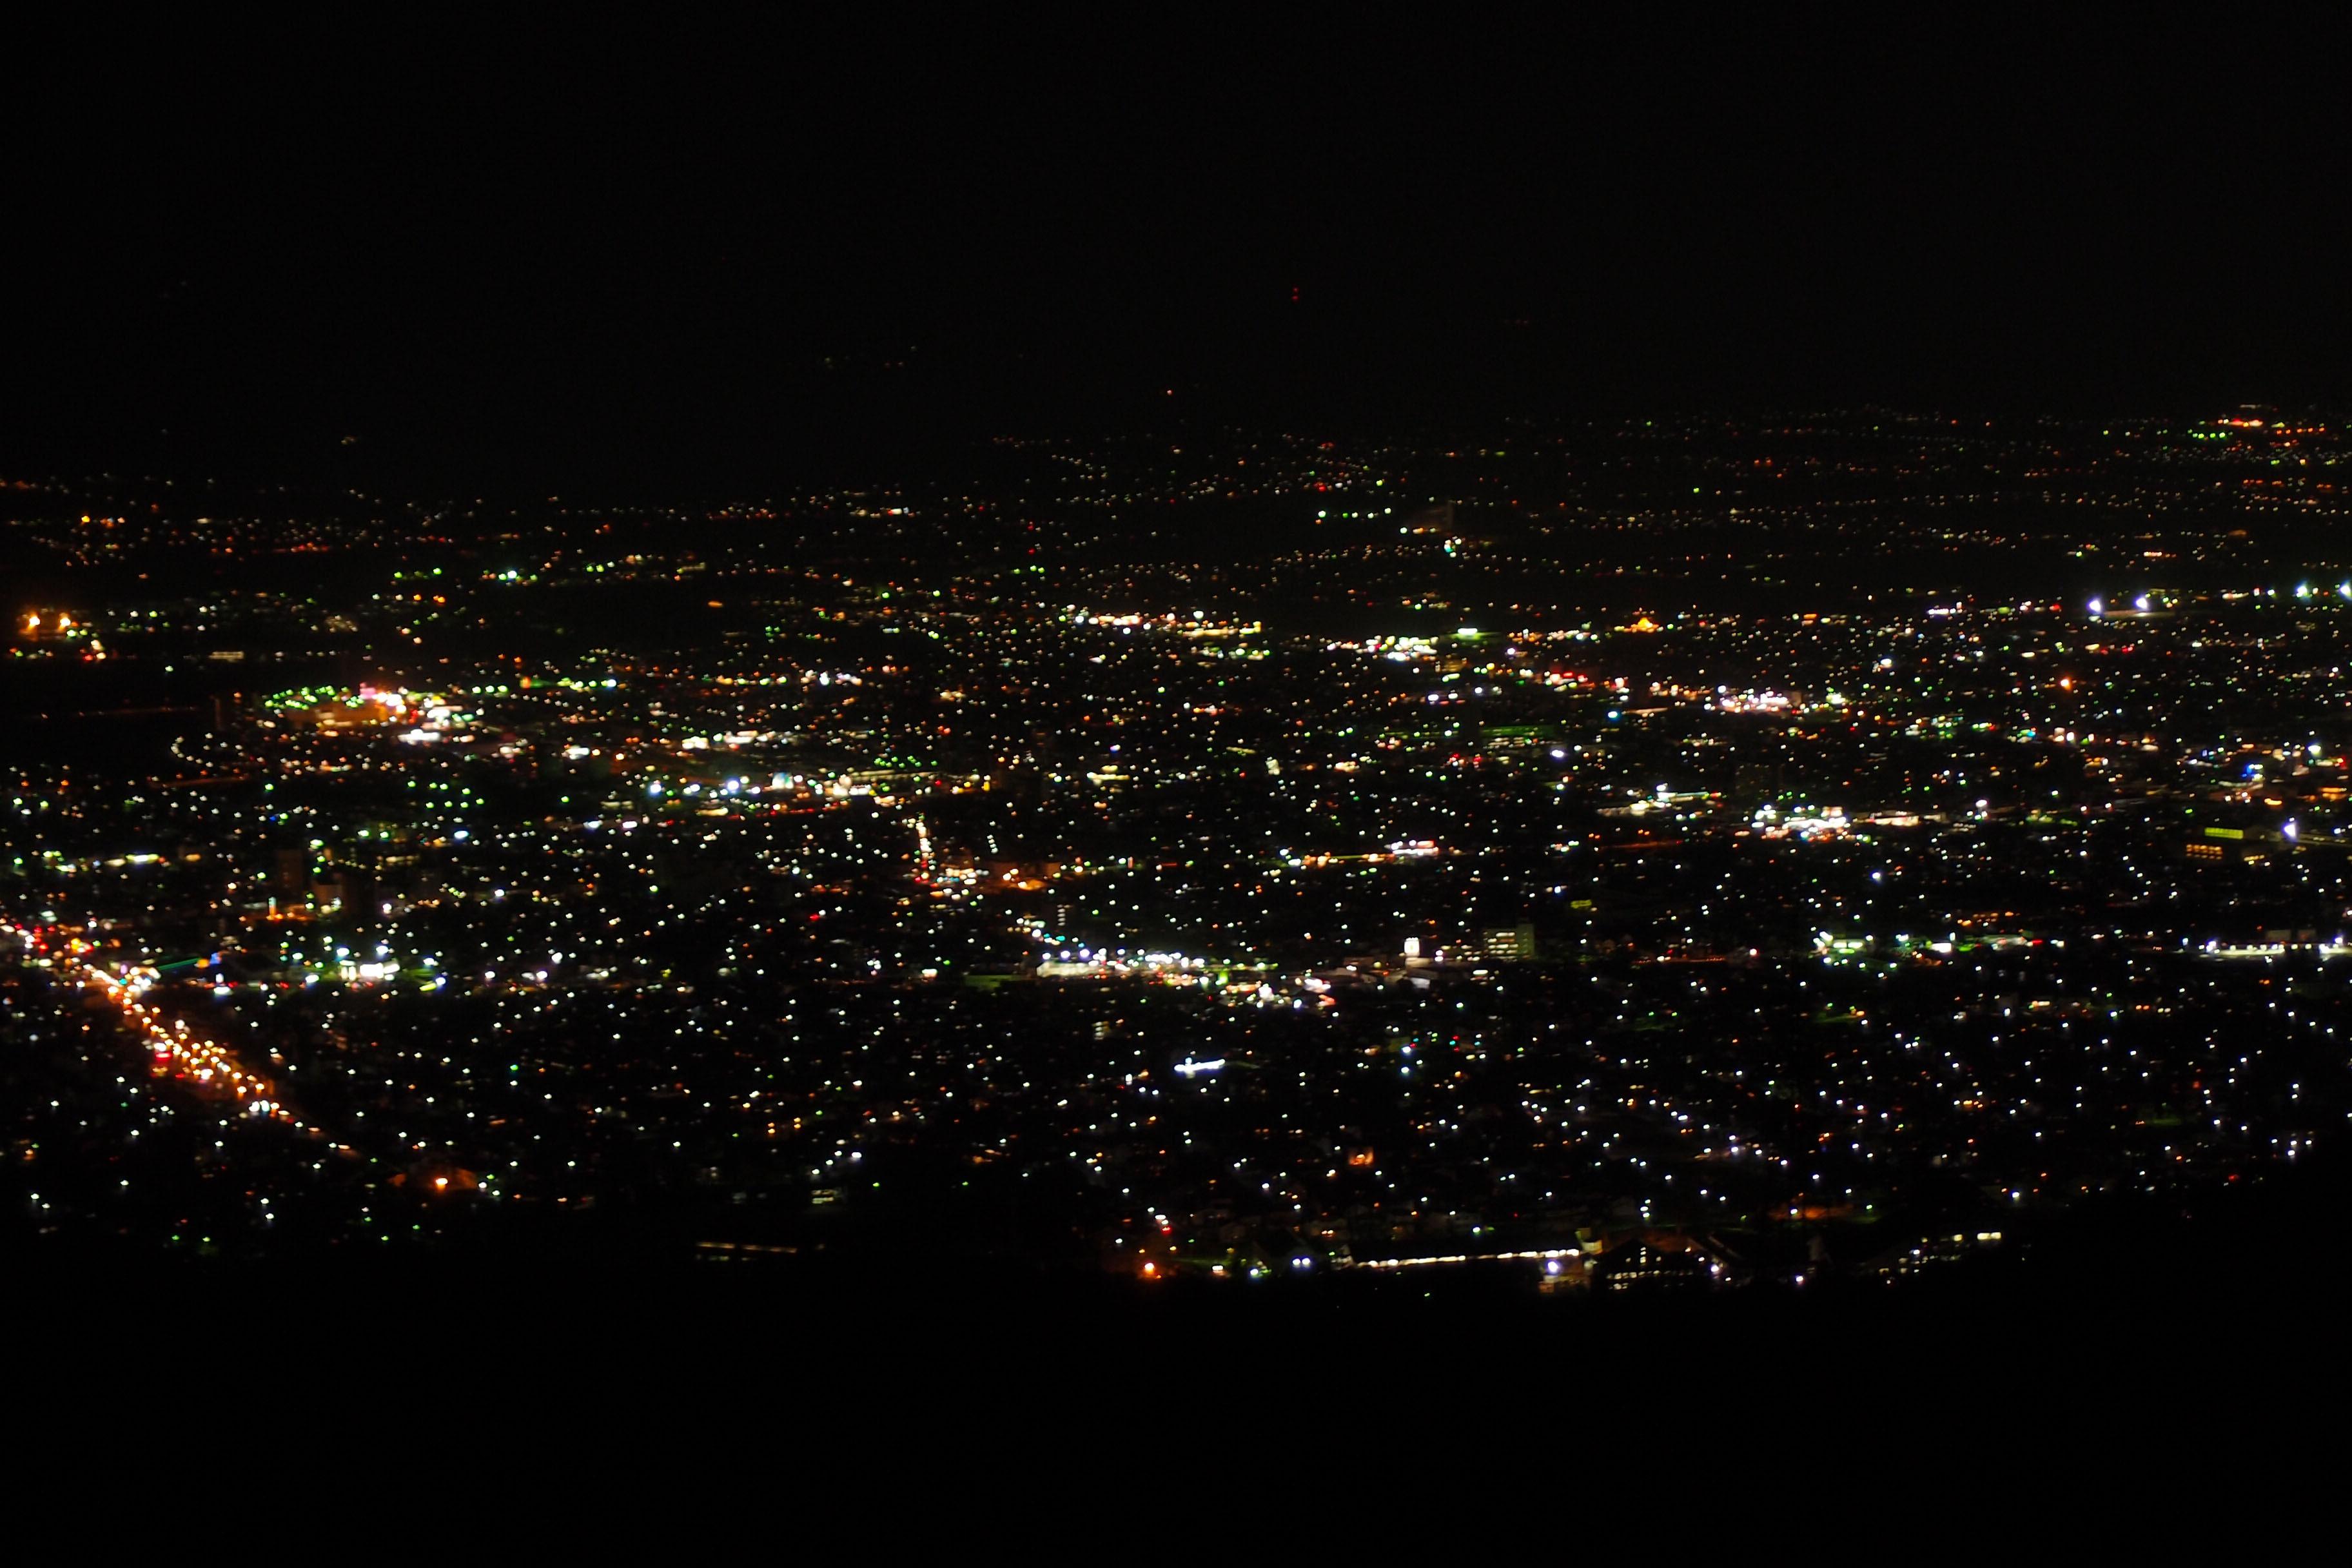 色とりどりの宝石をちりばめたような山形市街の夜景